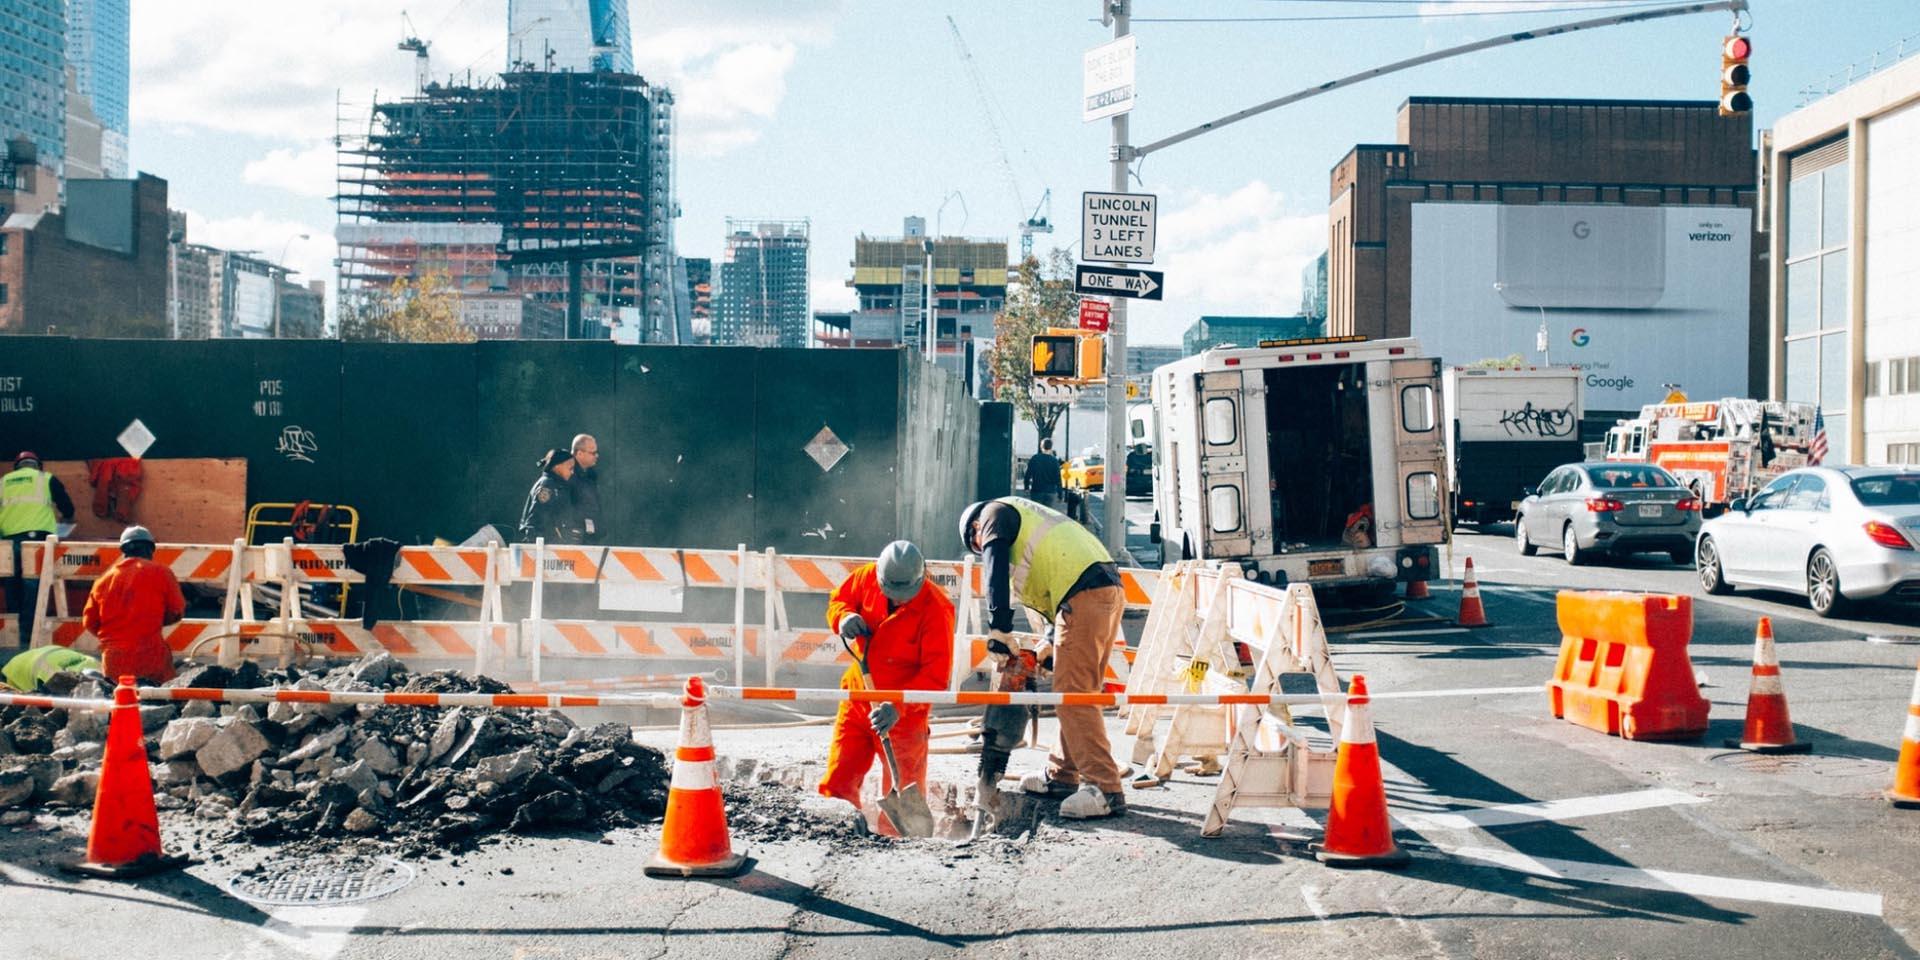 2 Bauarbeiter auf der Baustelle, die vom Fachkräftemangel betroffen sind